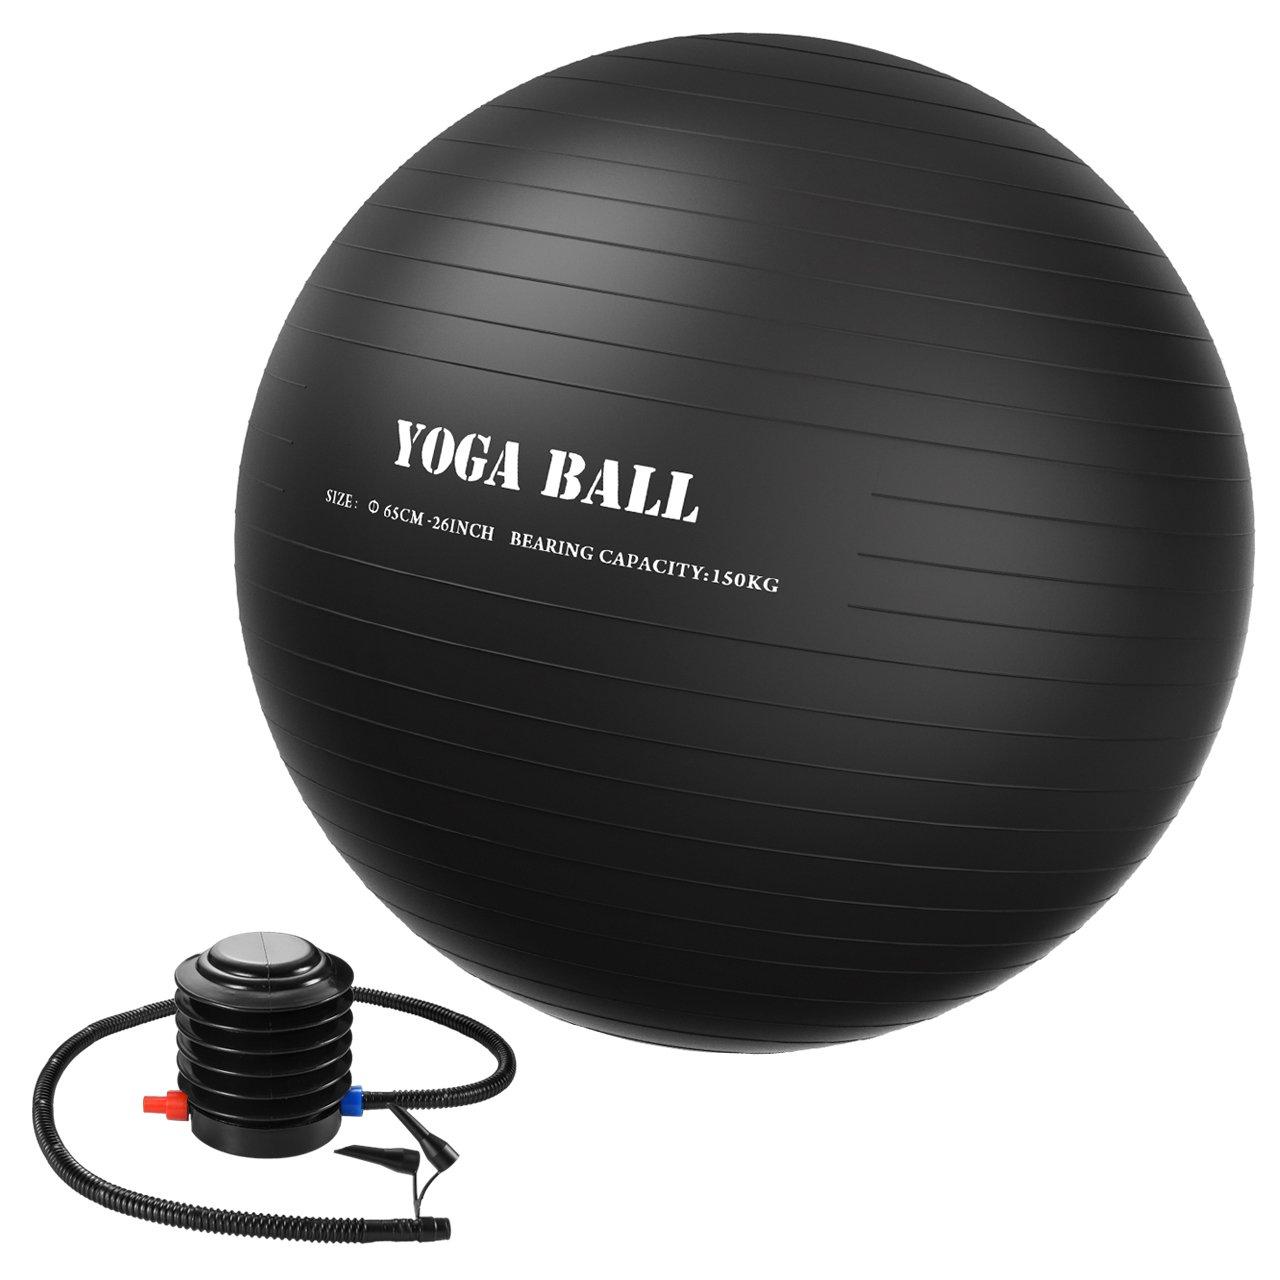 Homitt 65cm Exercise Yoga Ball, Anti Burst Stability Ball Non-Slip Yoga Ball Home,Office Gym-Black